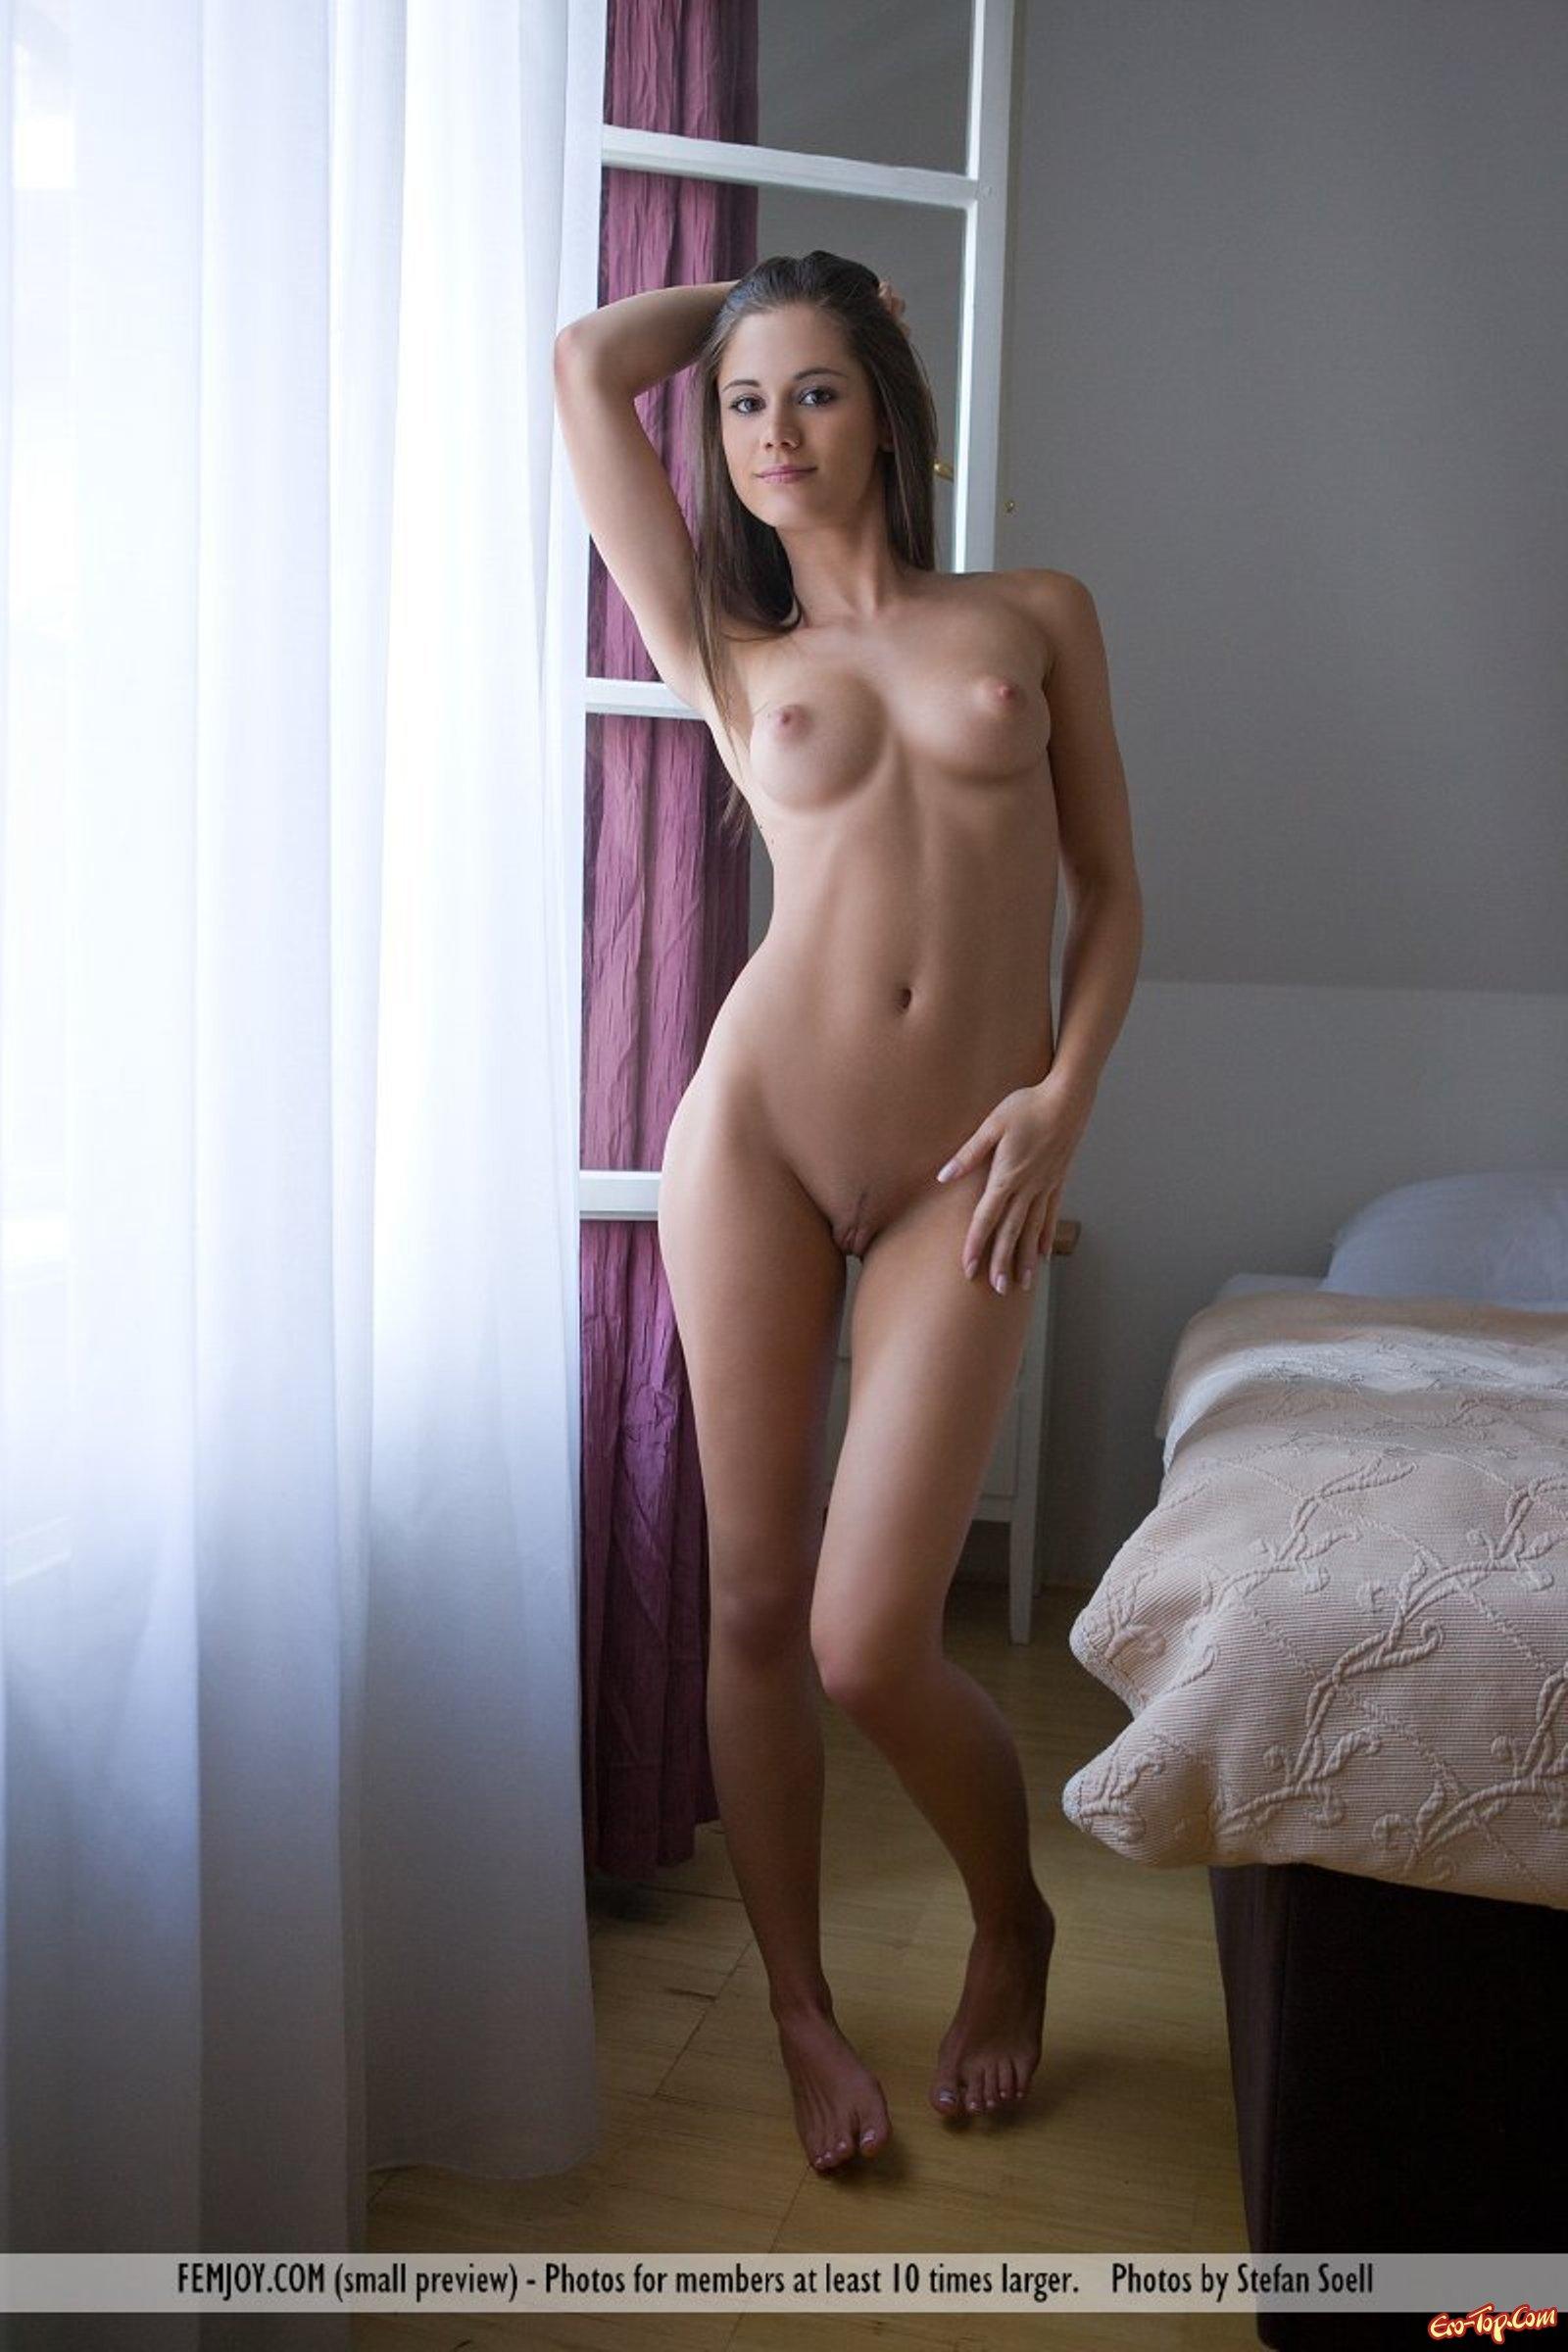 Юная красотка с красивой упругой грудью  Фото НЮ